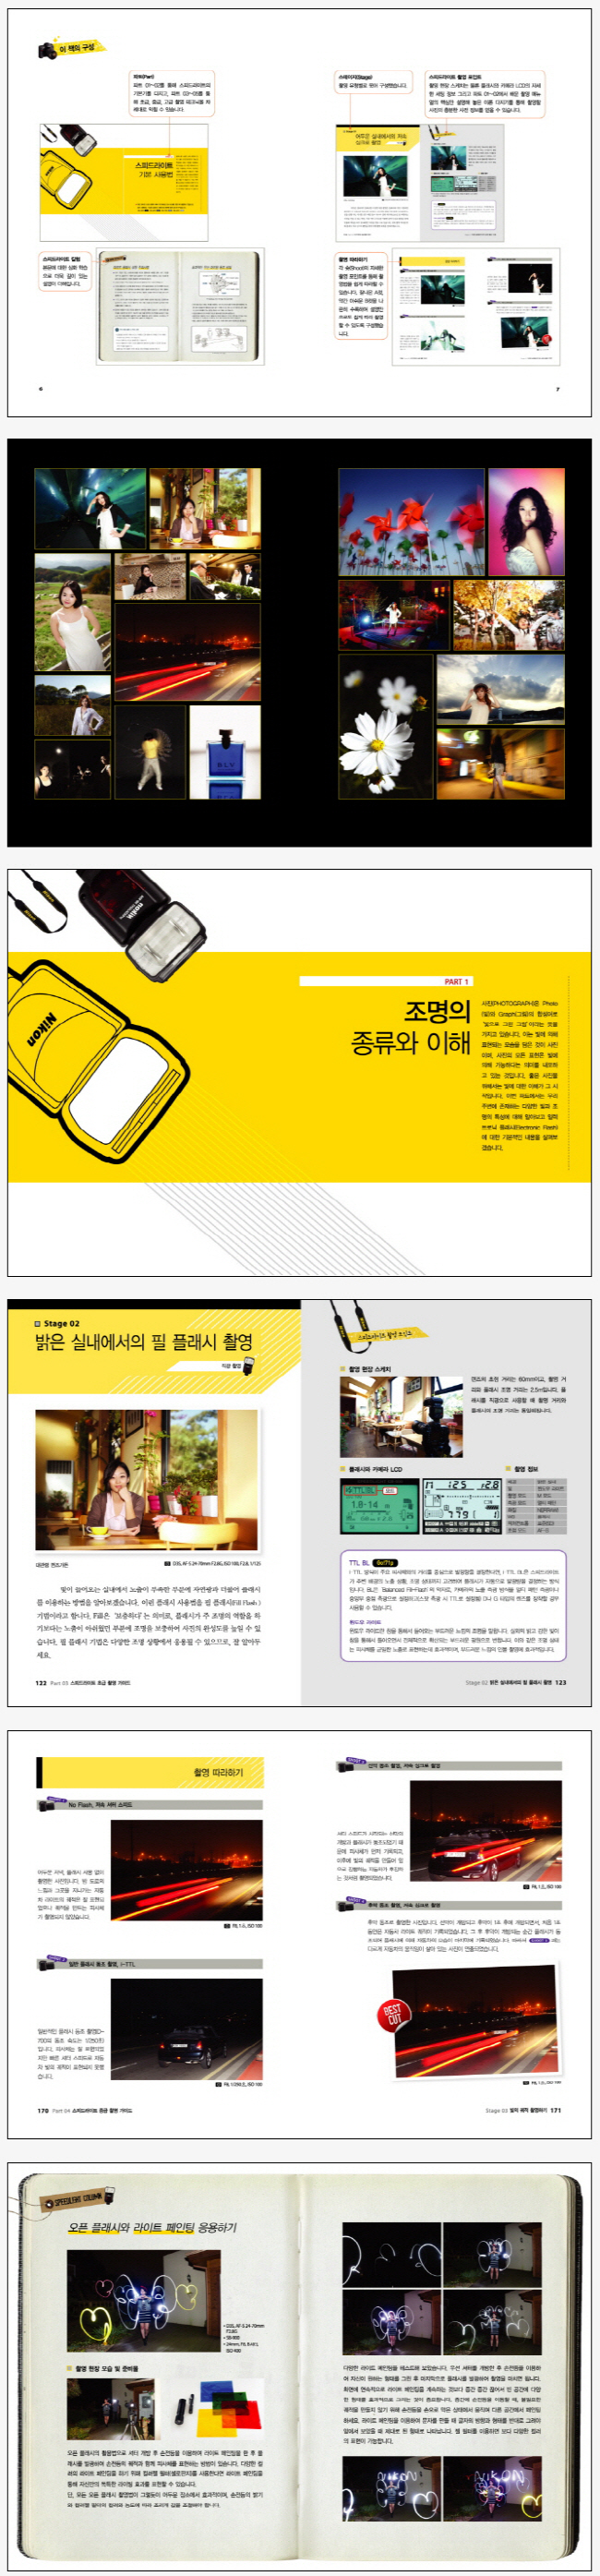 공식 스피드라이트 가이드 북(니콘 포토스쿨) 도서 상세이미지